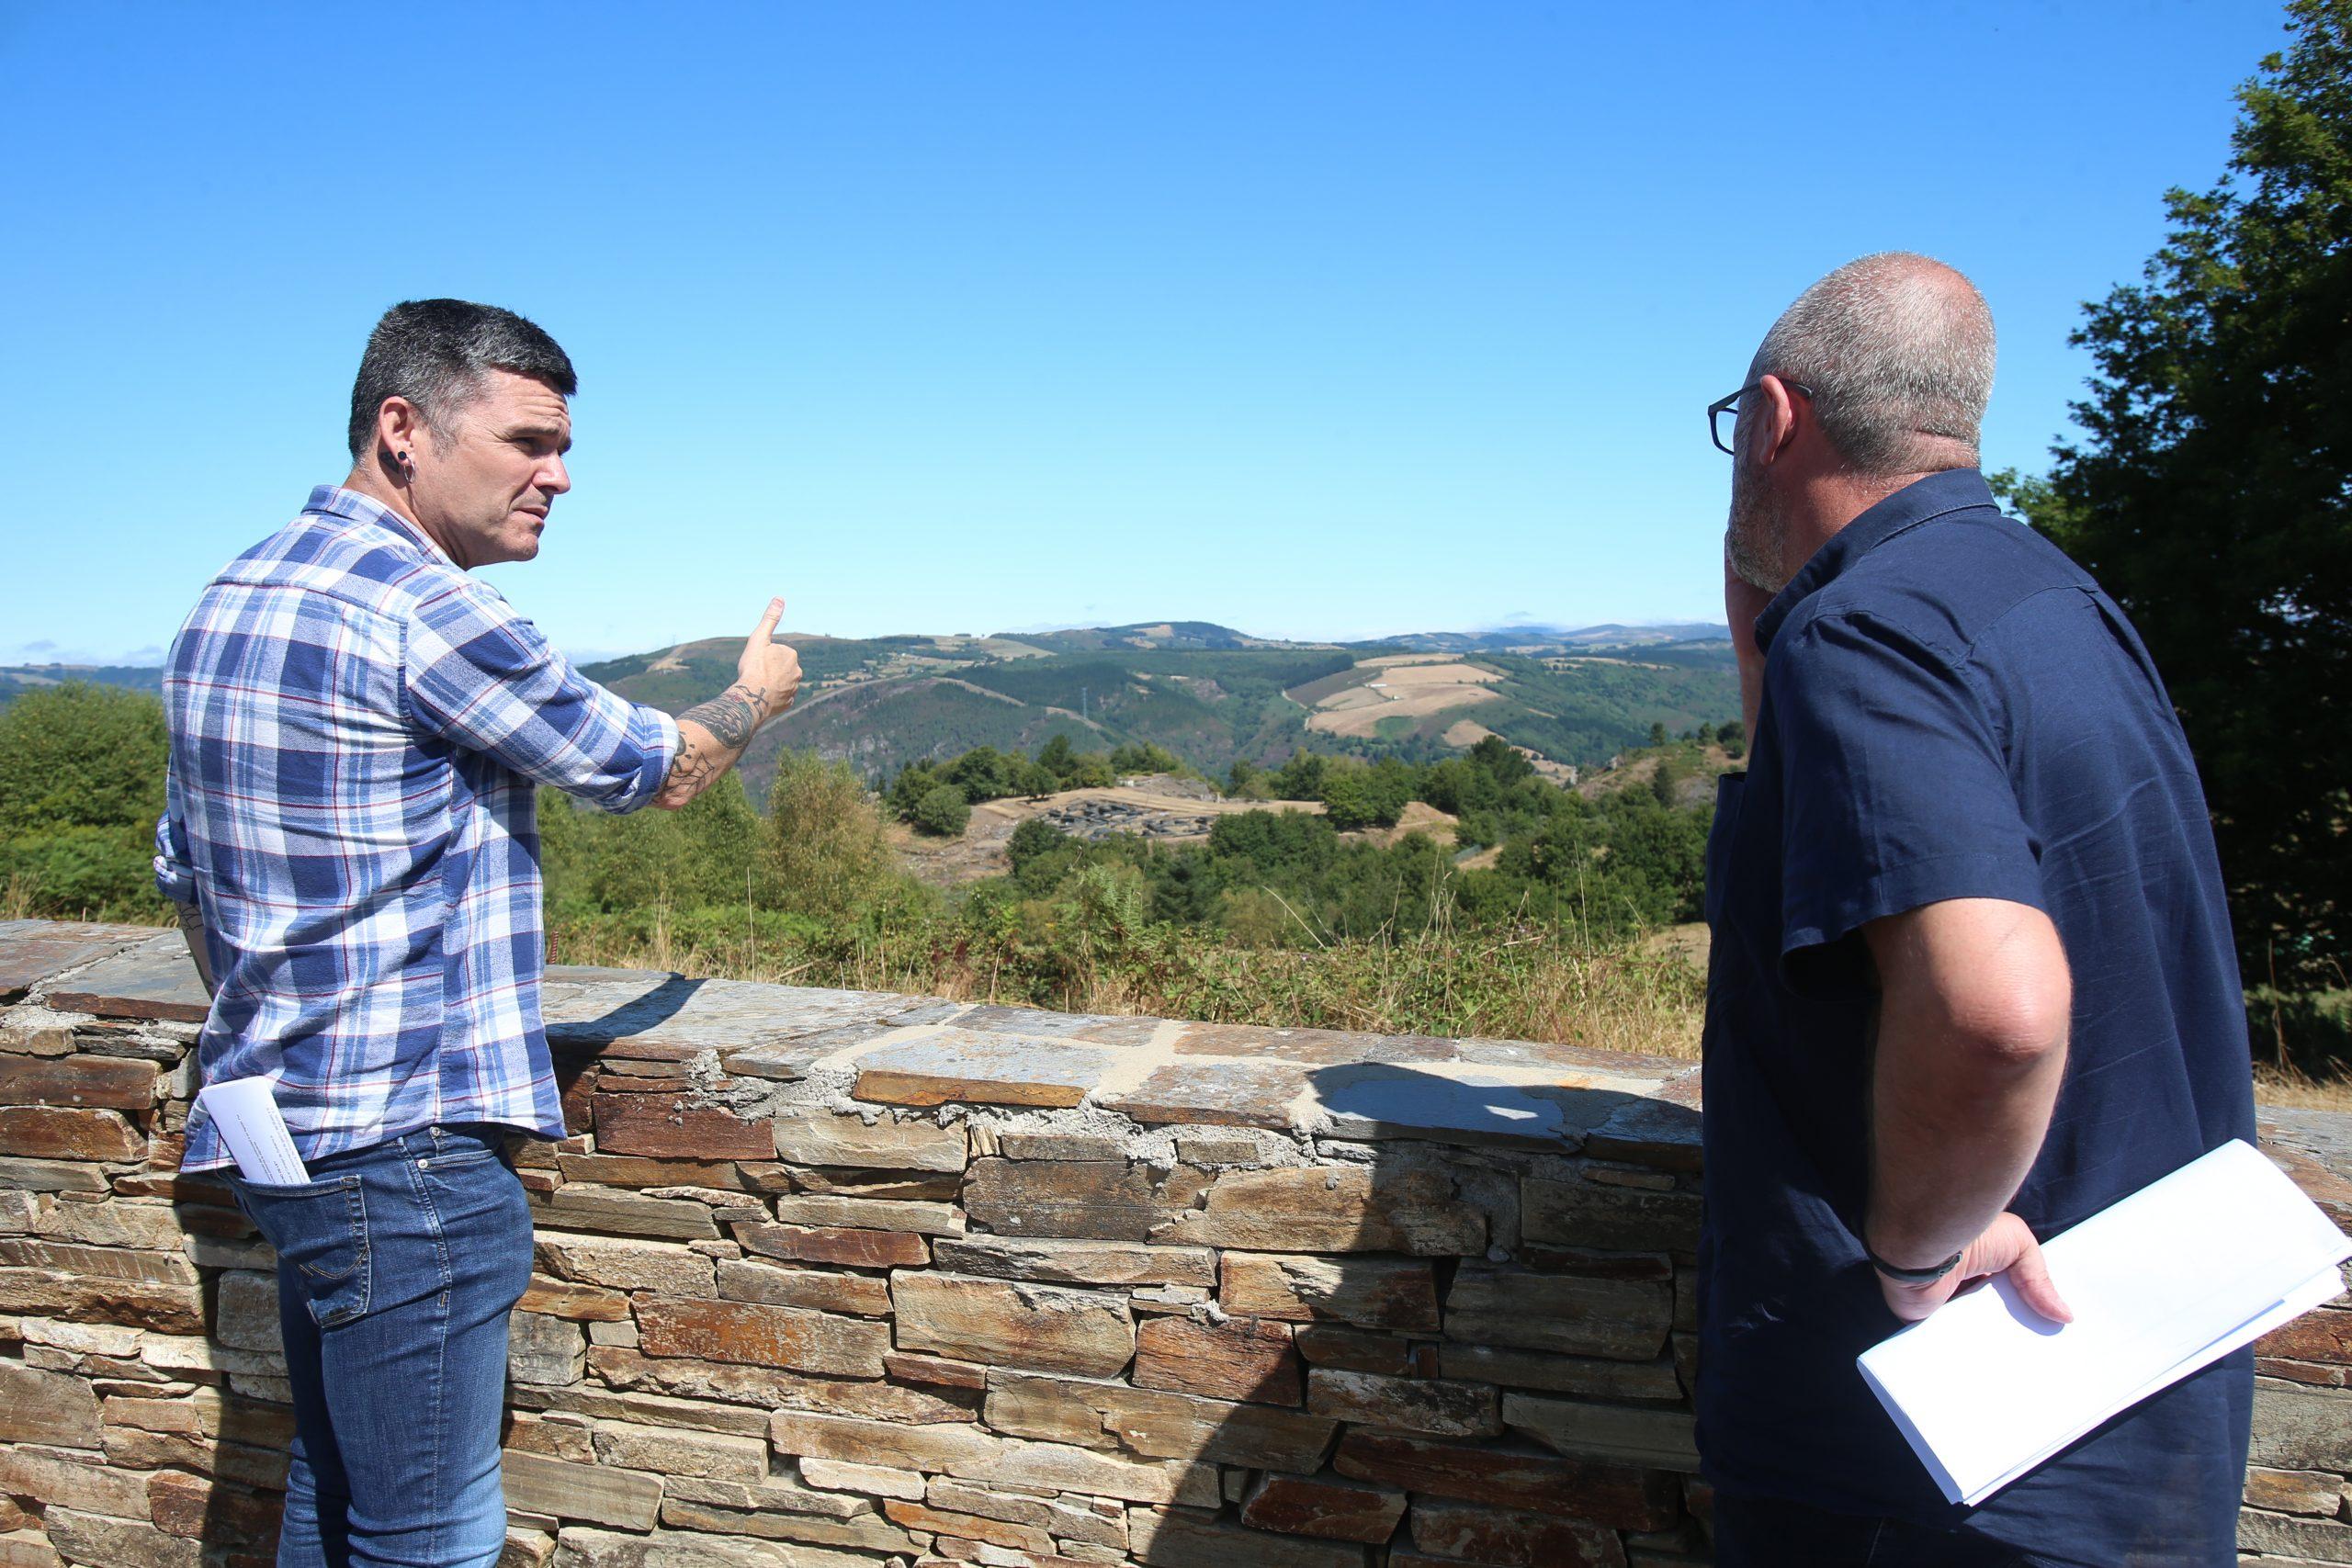 Podemos Asturias pide la retirada del proyecto de consolidación del yacimiento del Chao Samartín y su reformulación completa